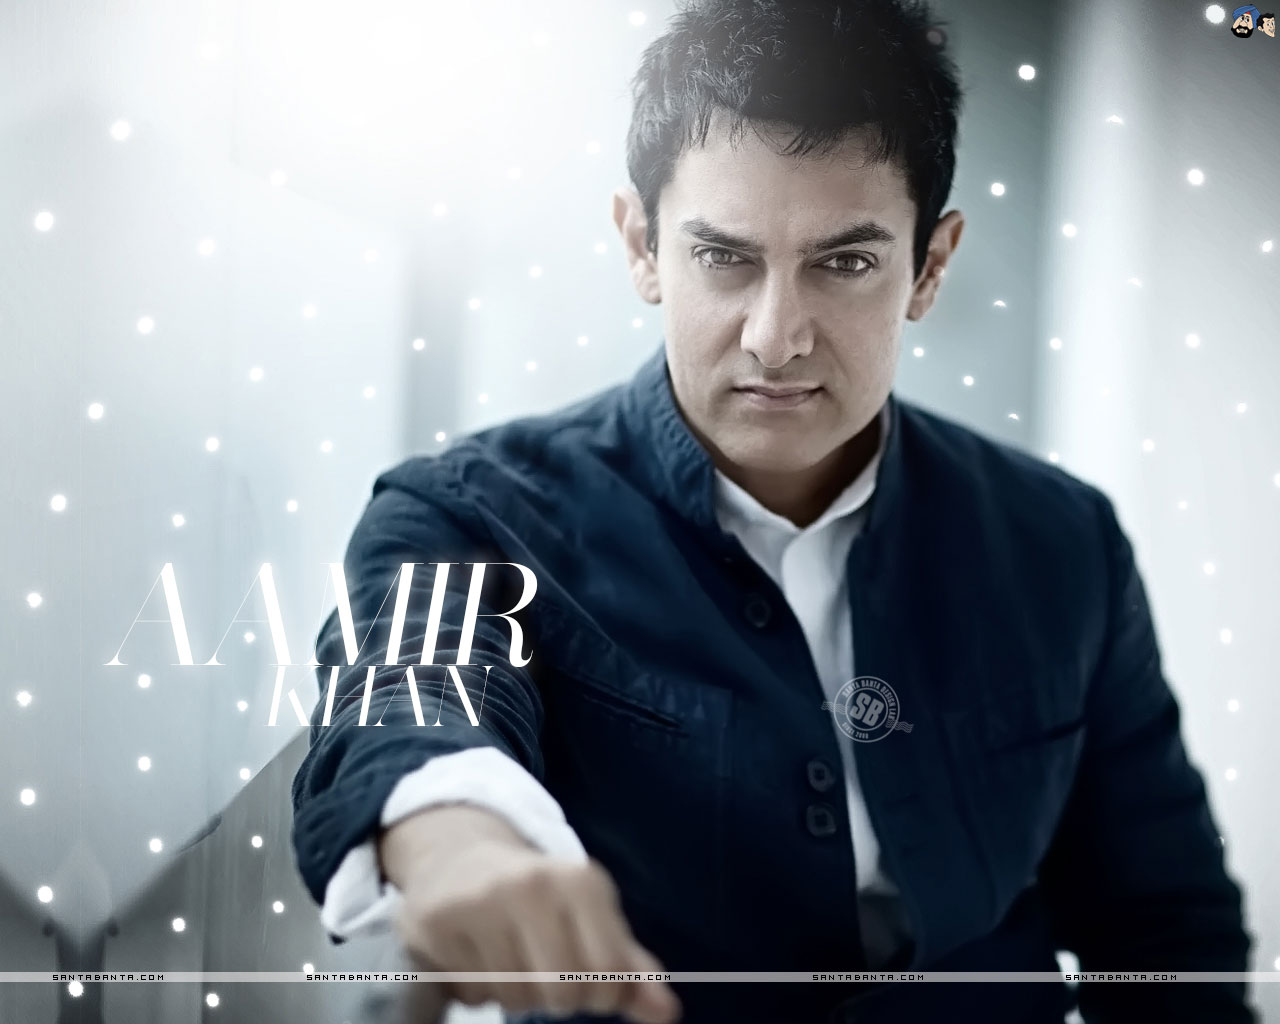 Aamir Khan   Aamir Khan Wallpaper 36716863 1280x1024